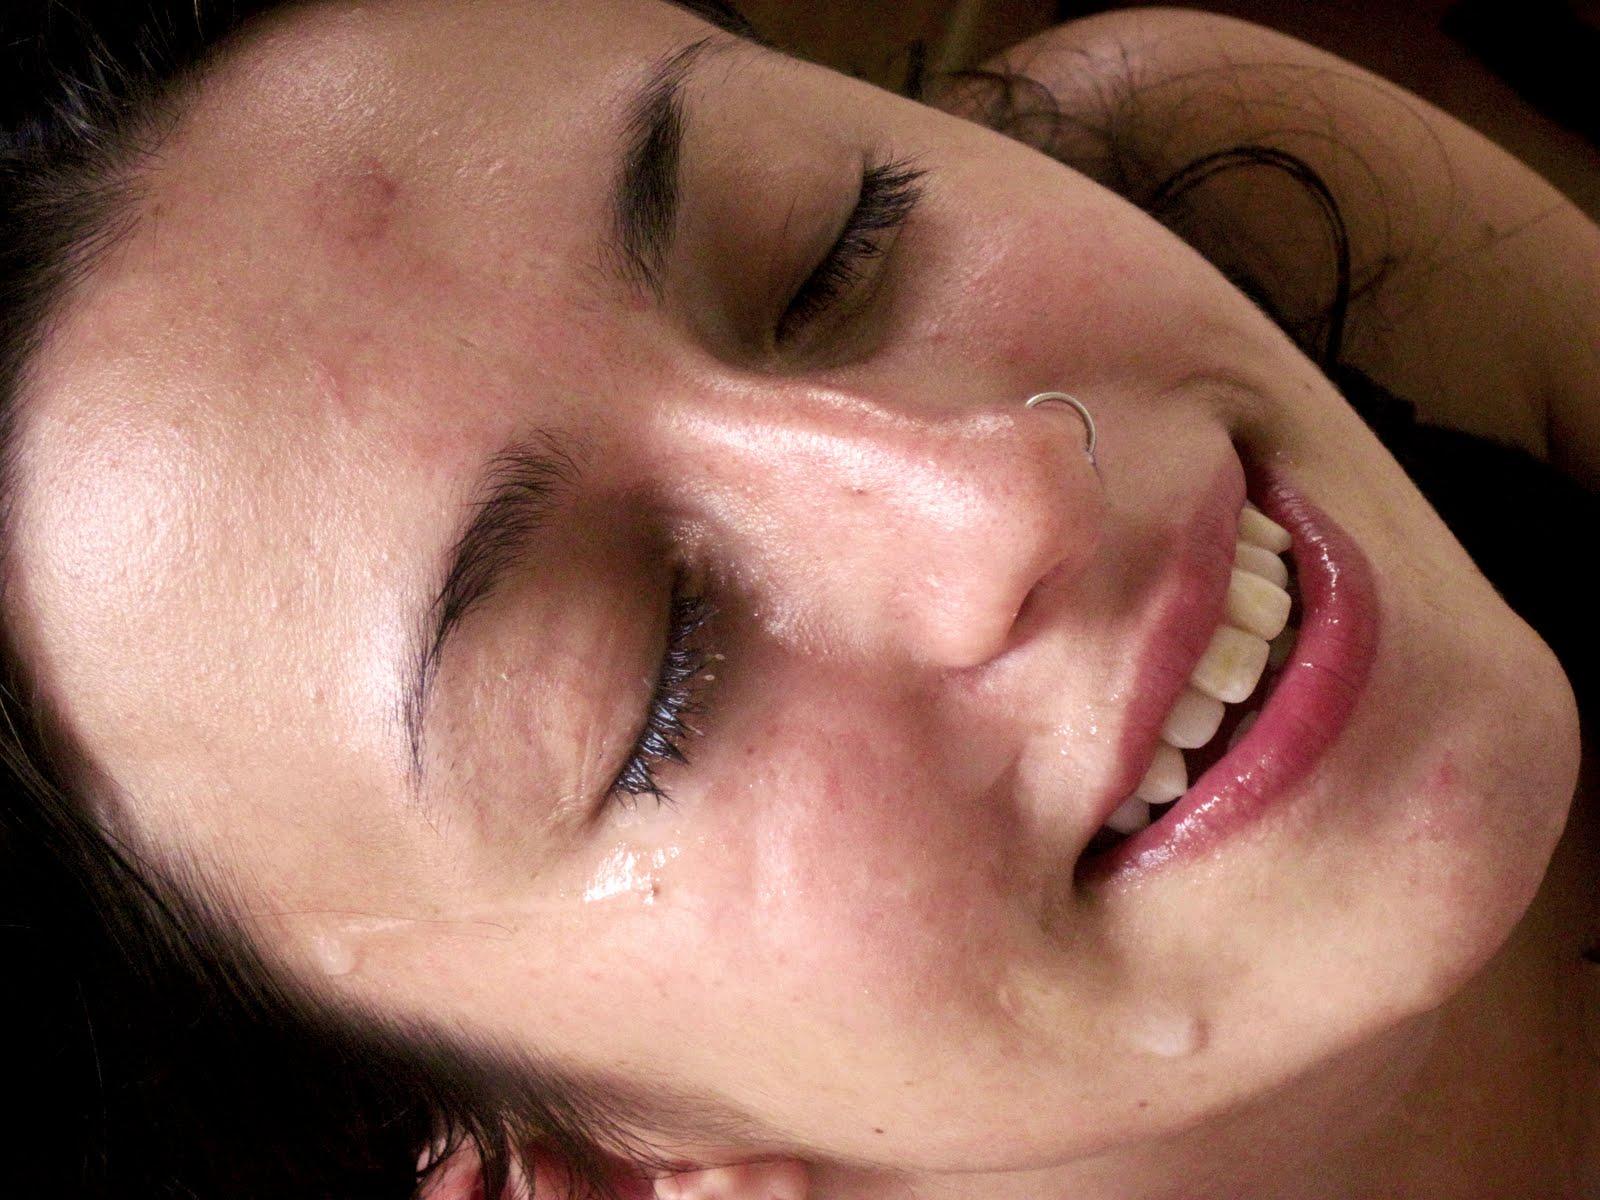 http://4.bp.blogspot.com/-EVEntFxQYmg/TgzgeptluoI/AAAAAAAAAKo/eJBtoDunucc/s1600/happy%2Bpeople%2Bfucking%2Bblissful%2Bfacial%2B2.jpg